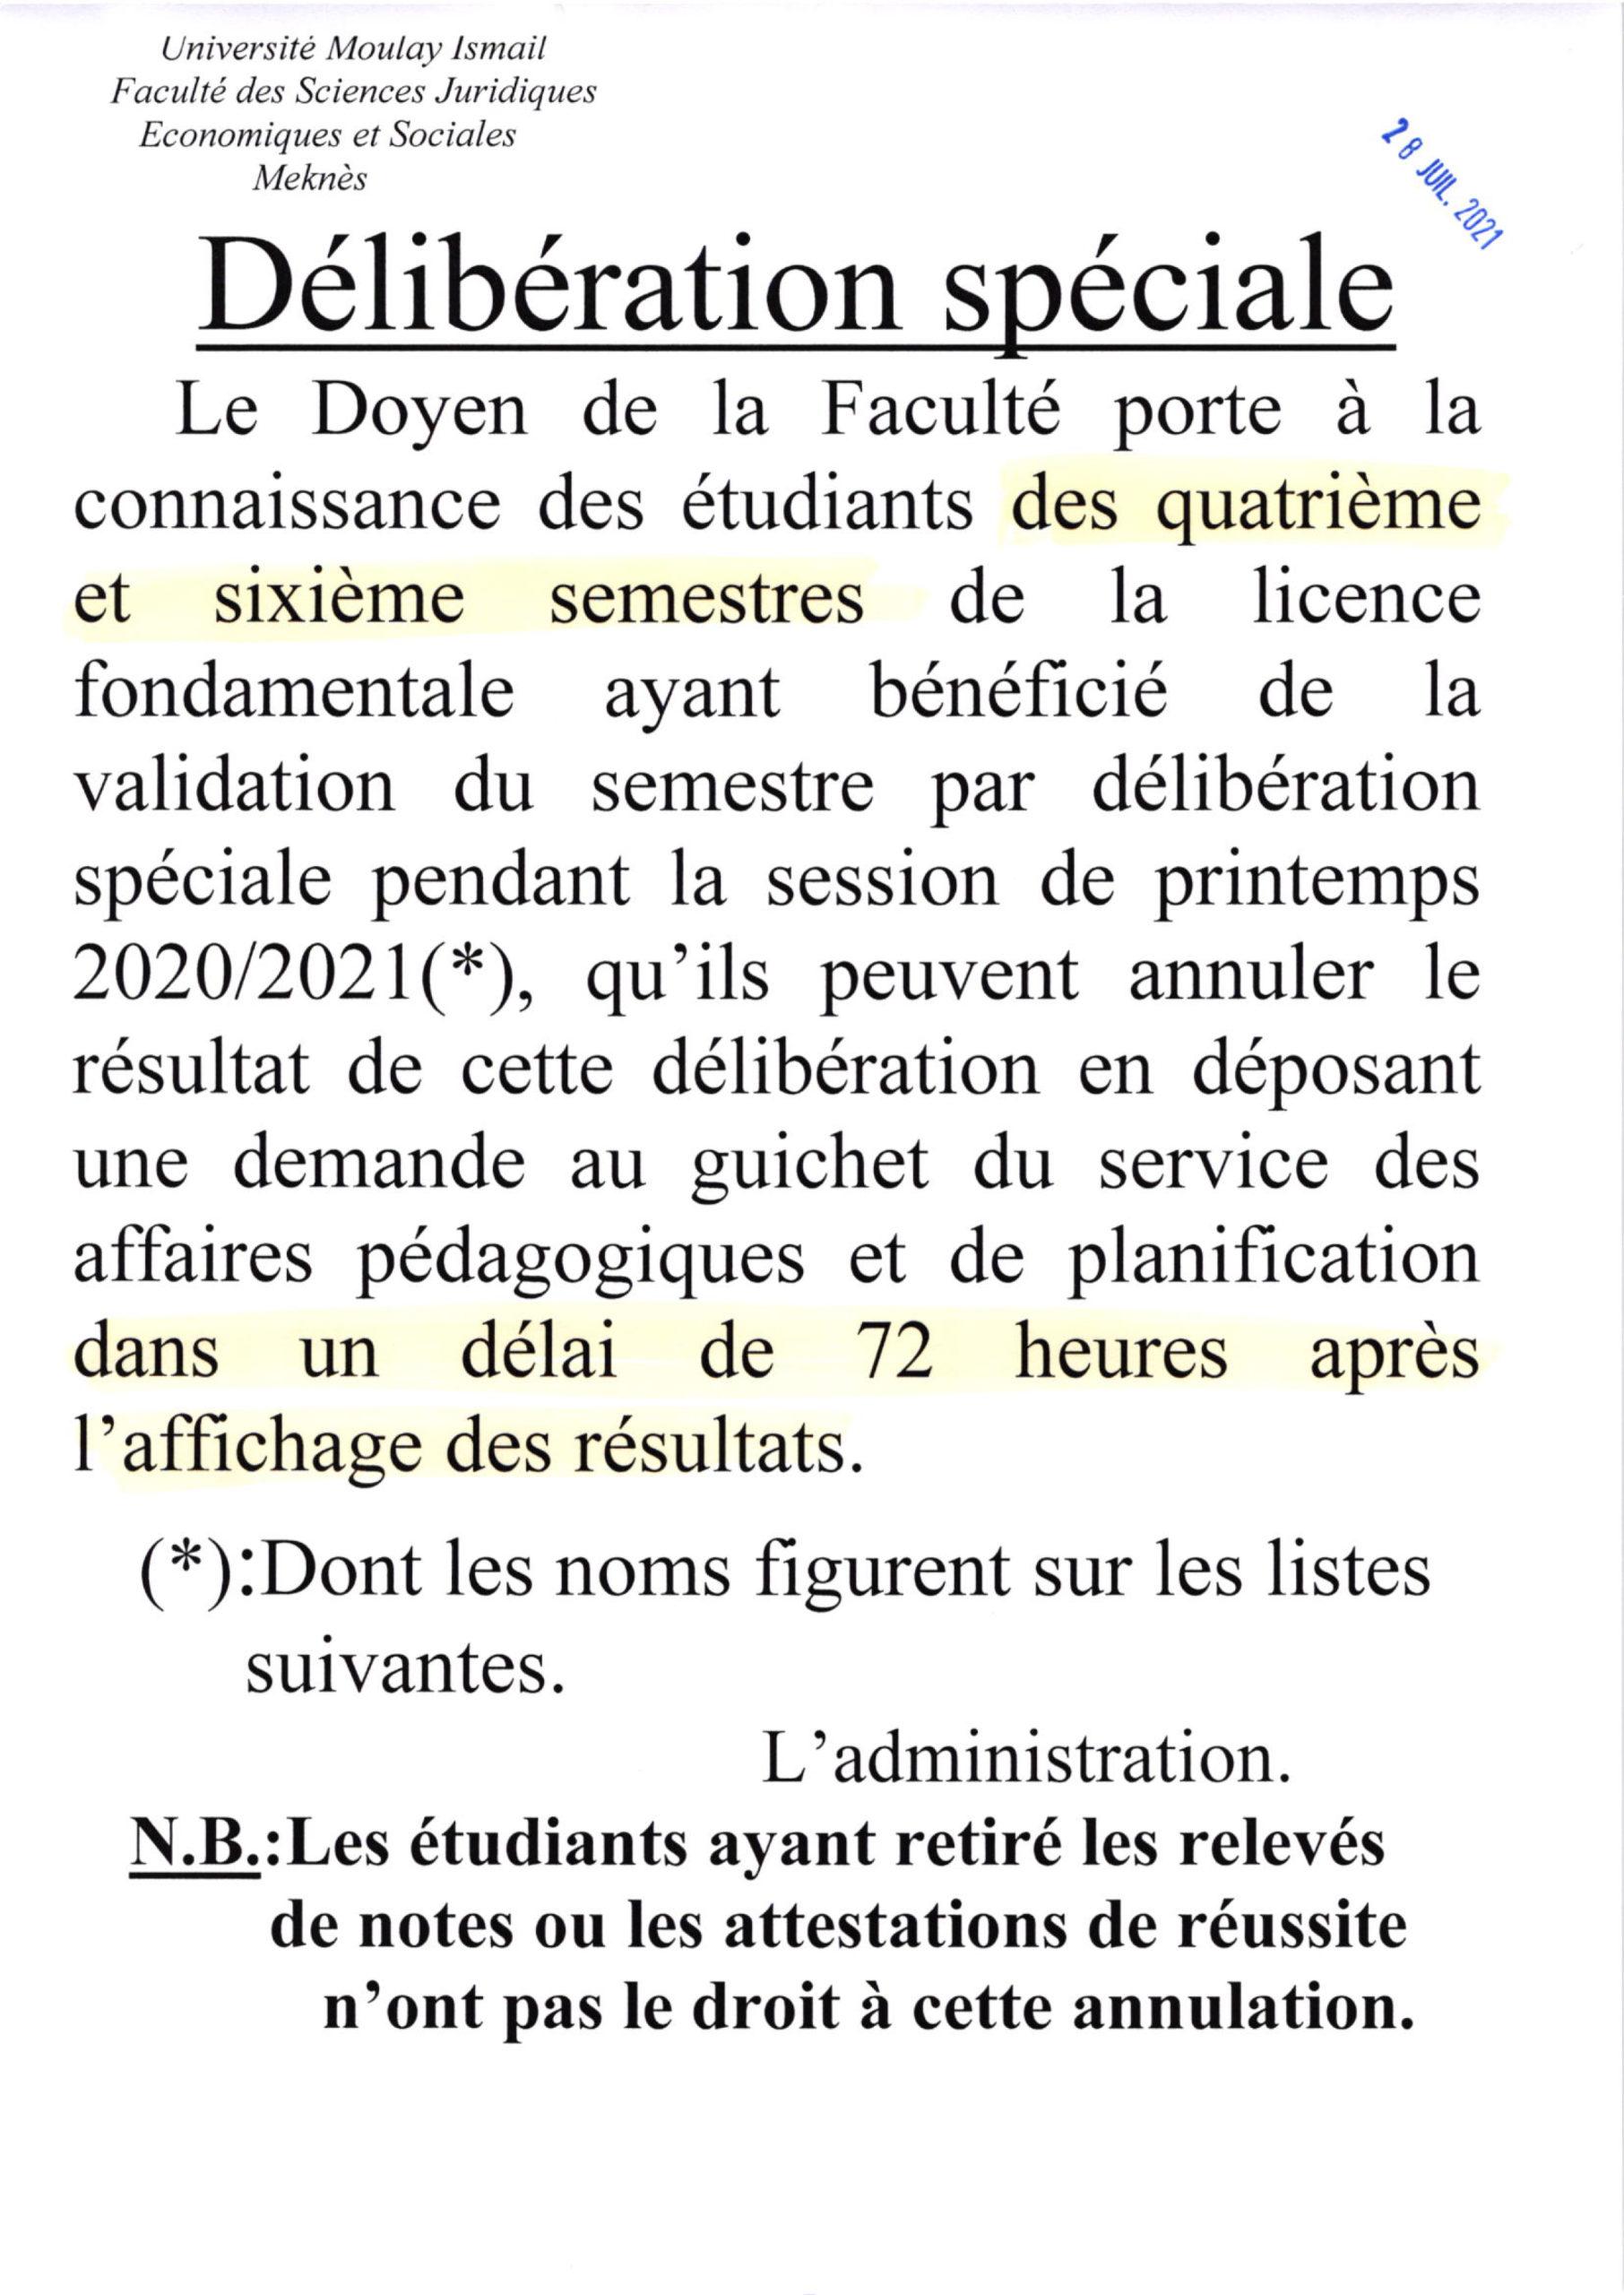 DS_EG6_RF6_EG4_FD4-1